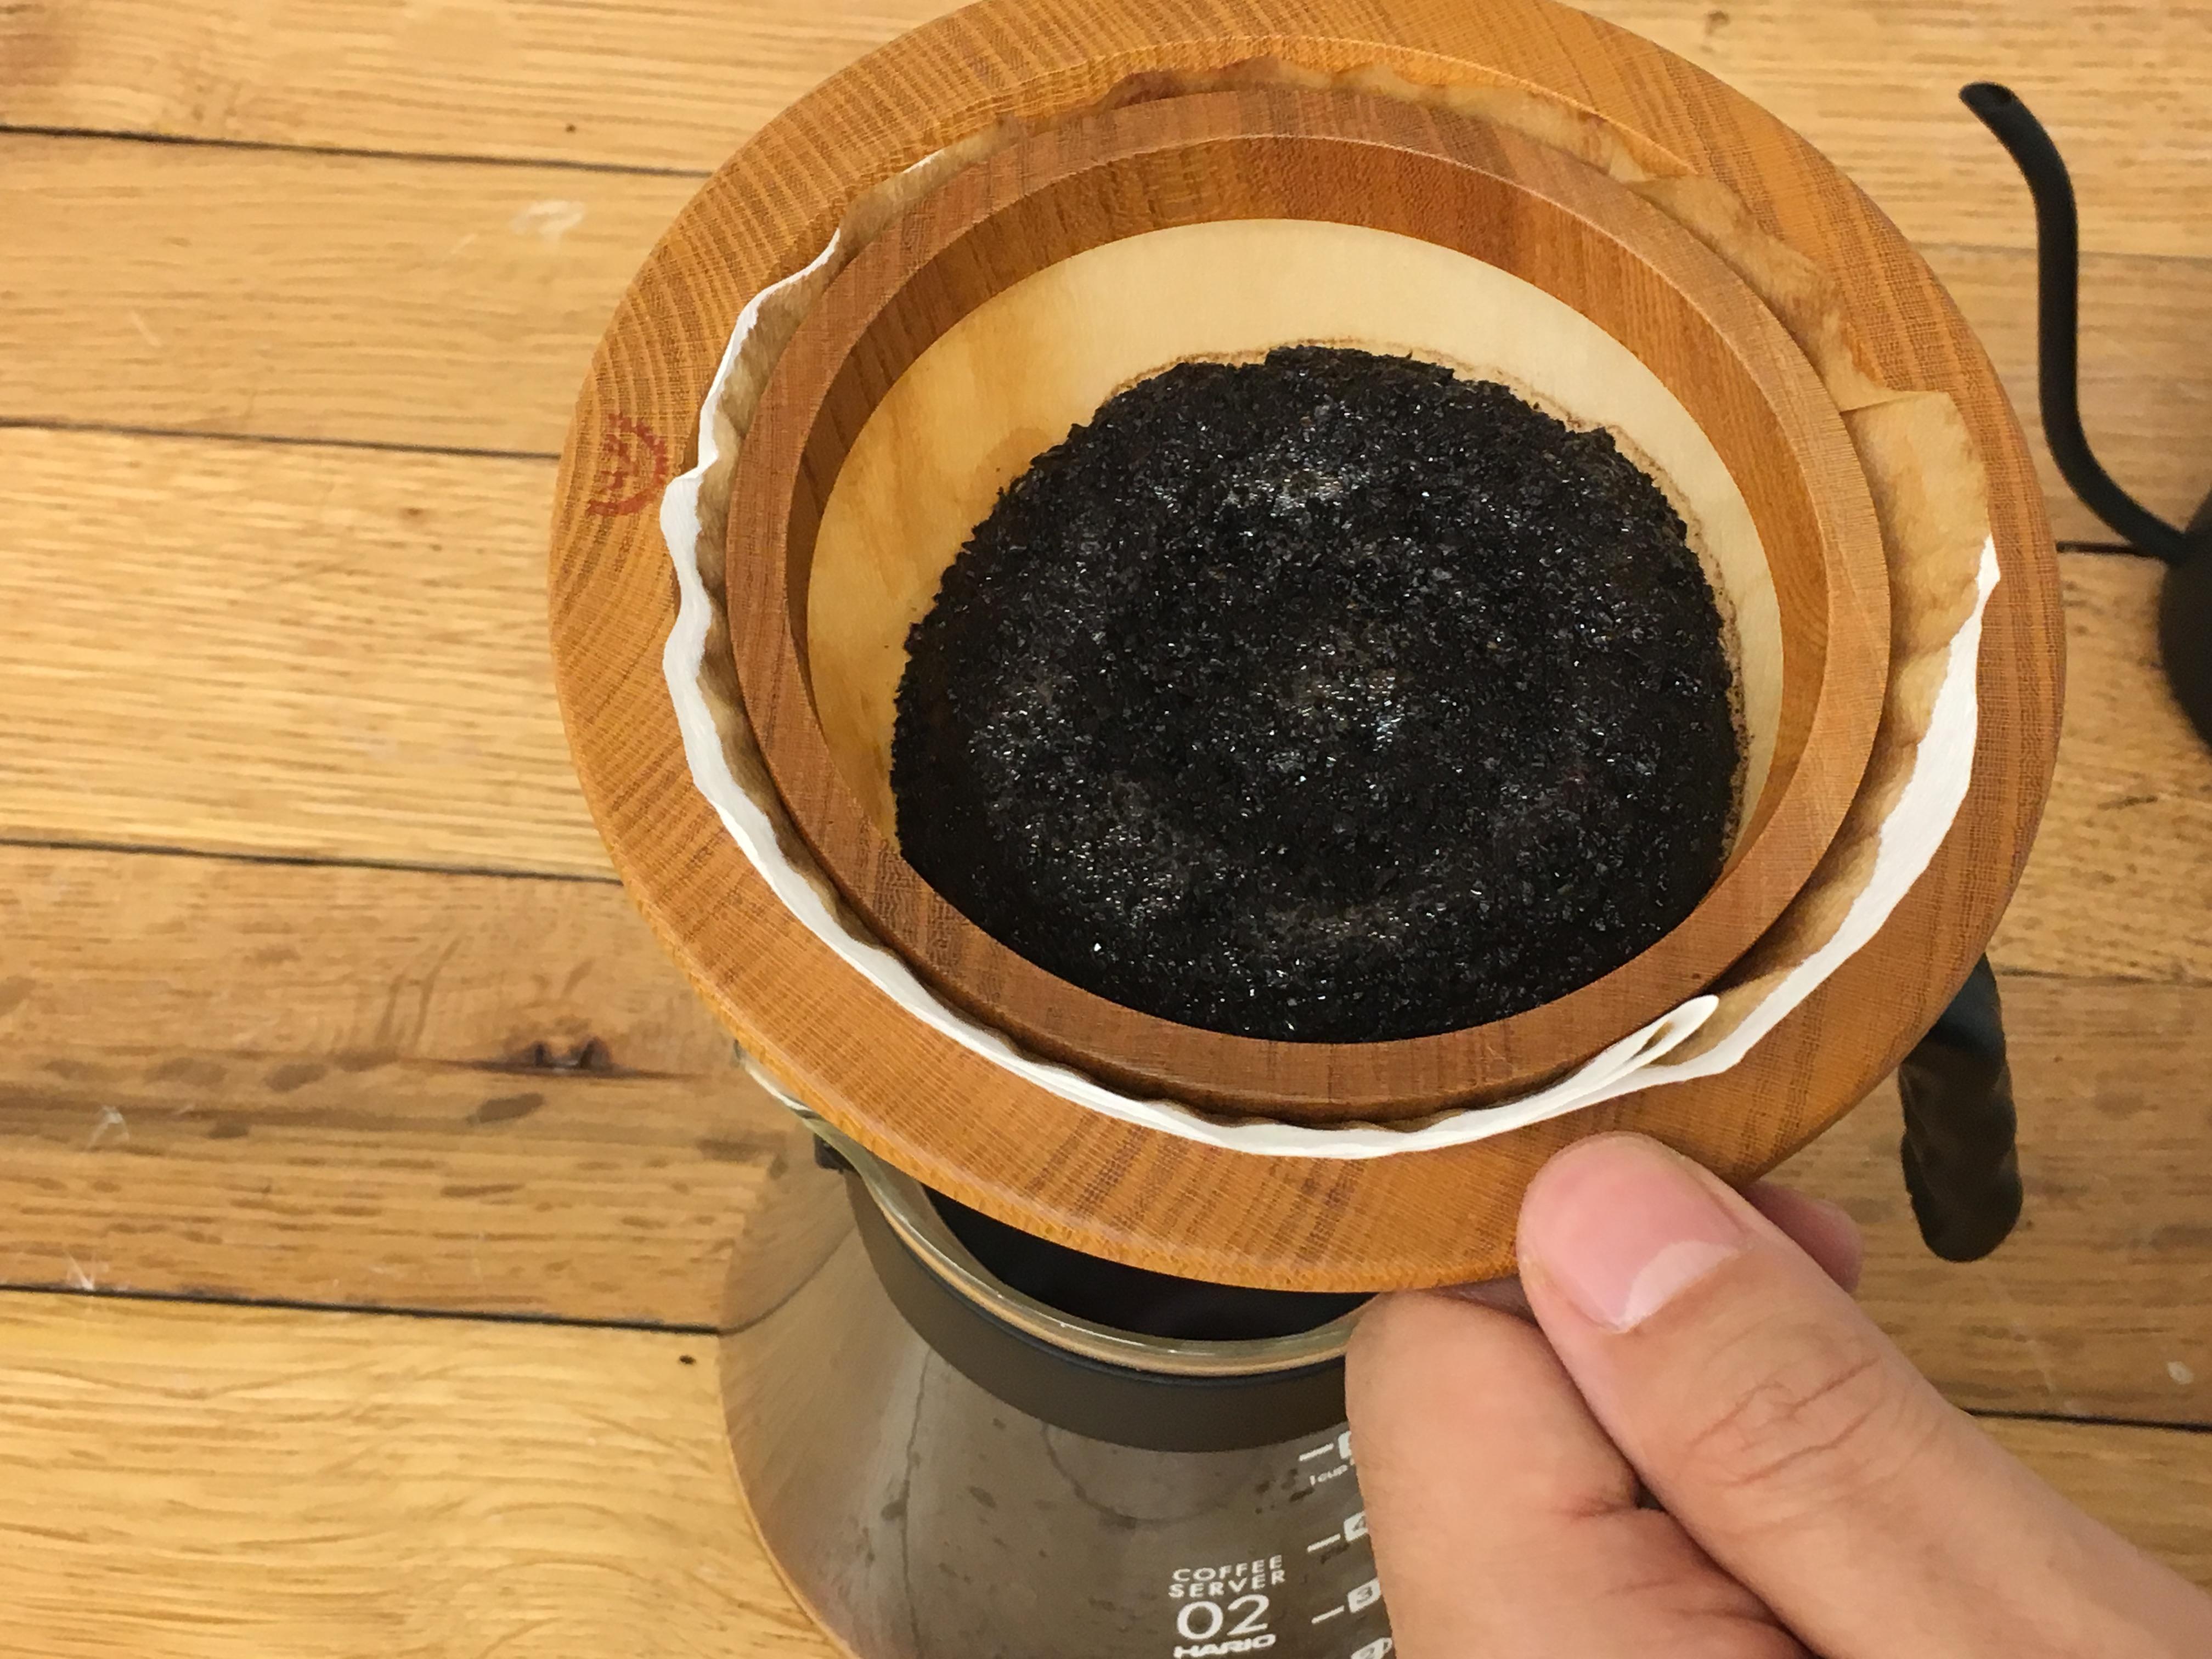 【コーヒードリップ】安清式紙落としドリッパー4人用で「希釈式コーヒードリップ」